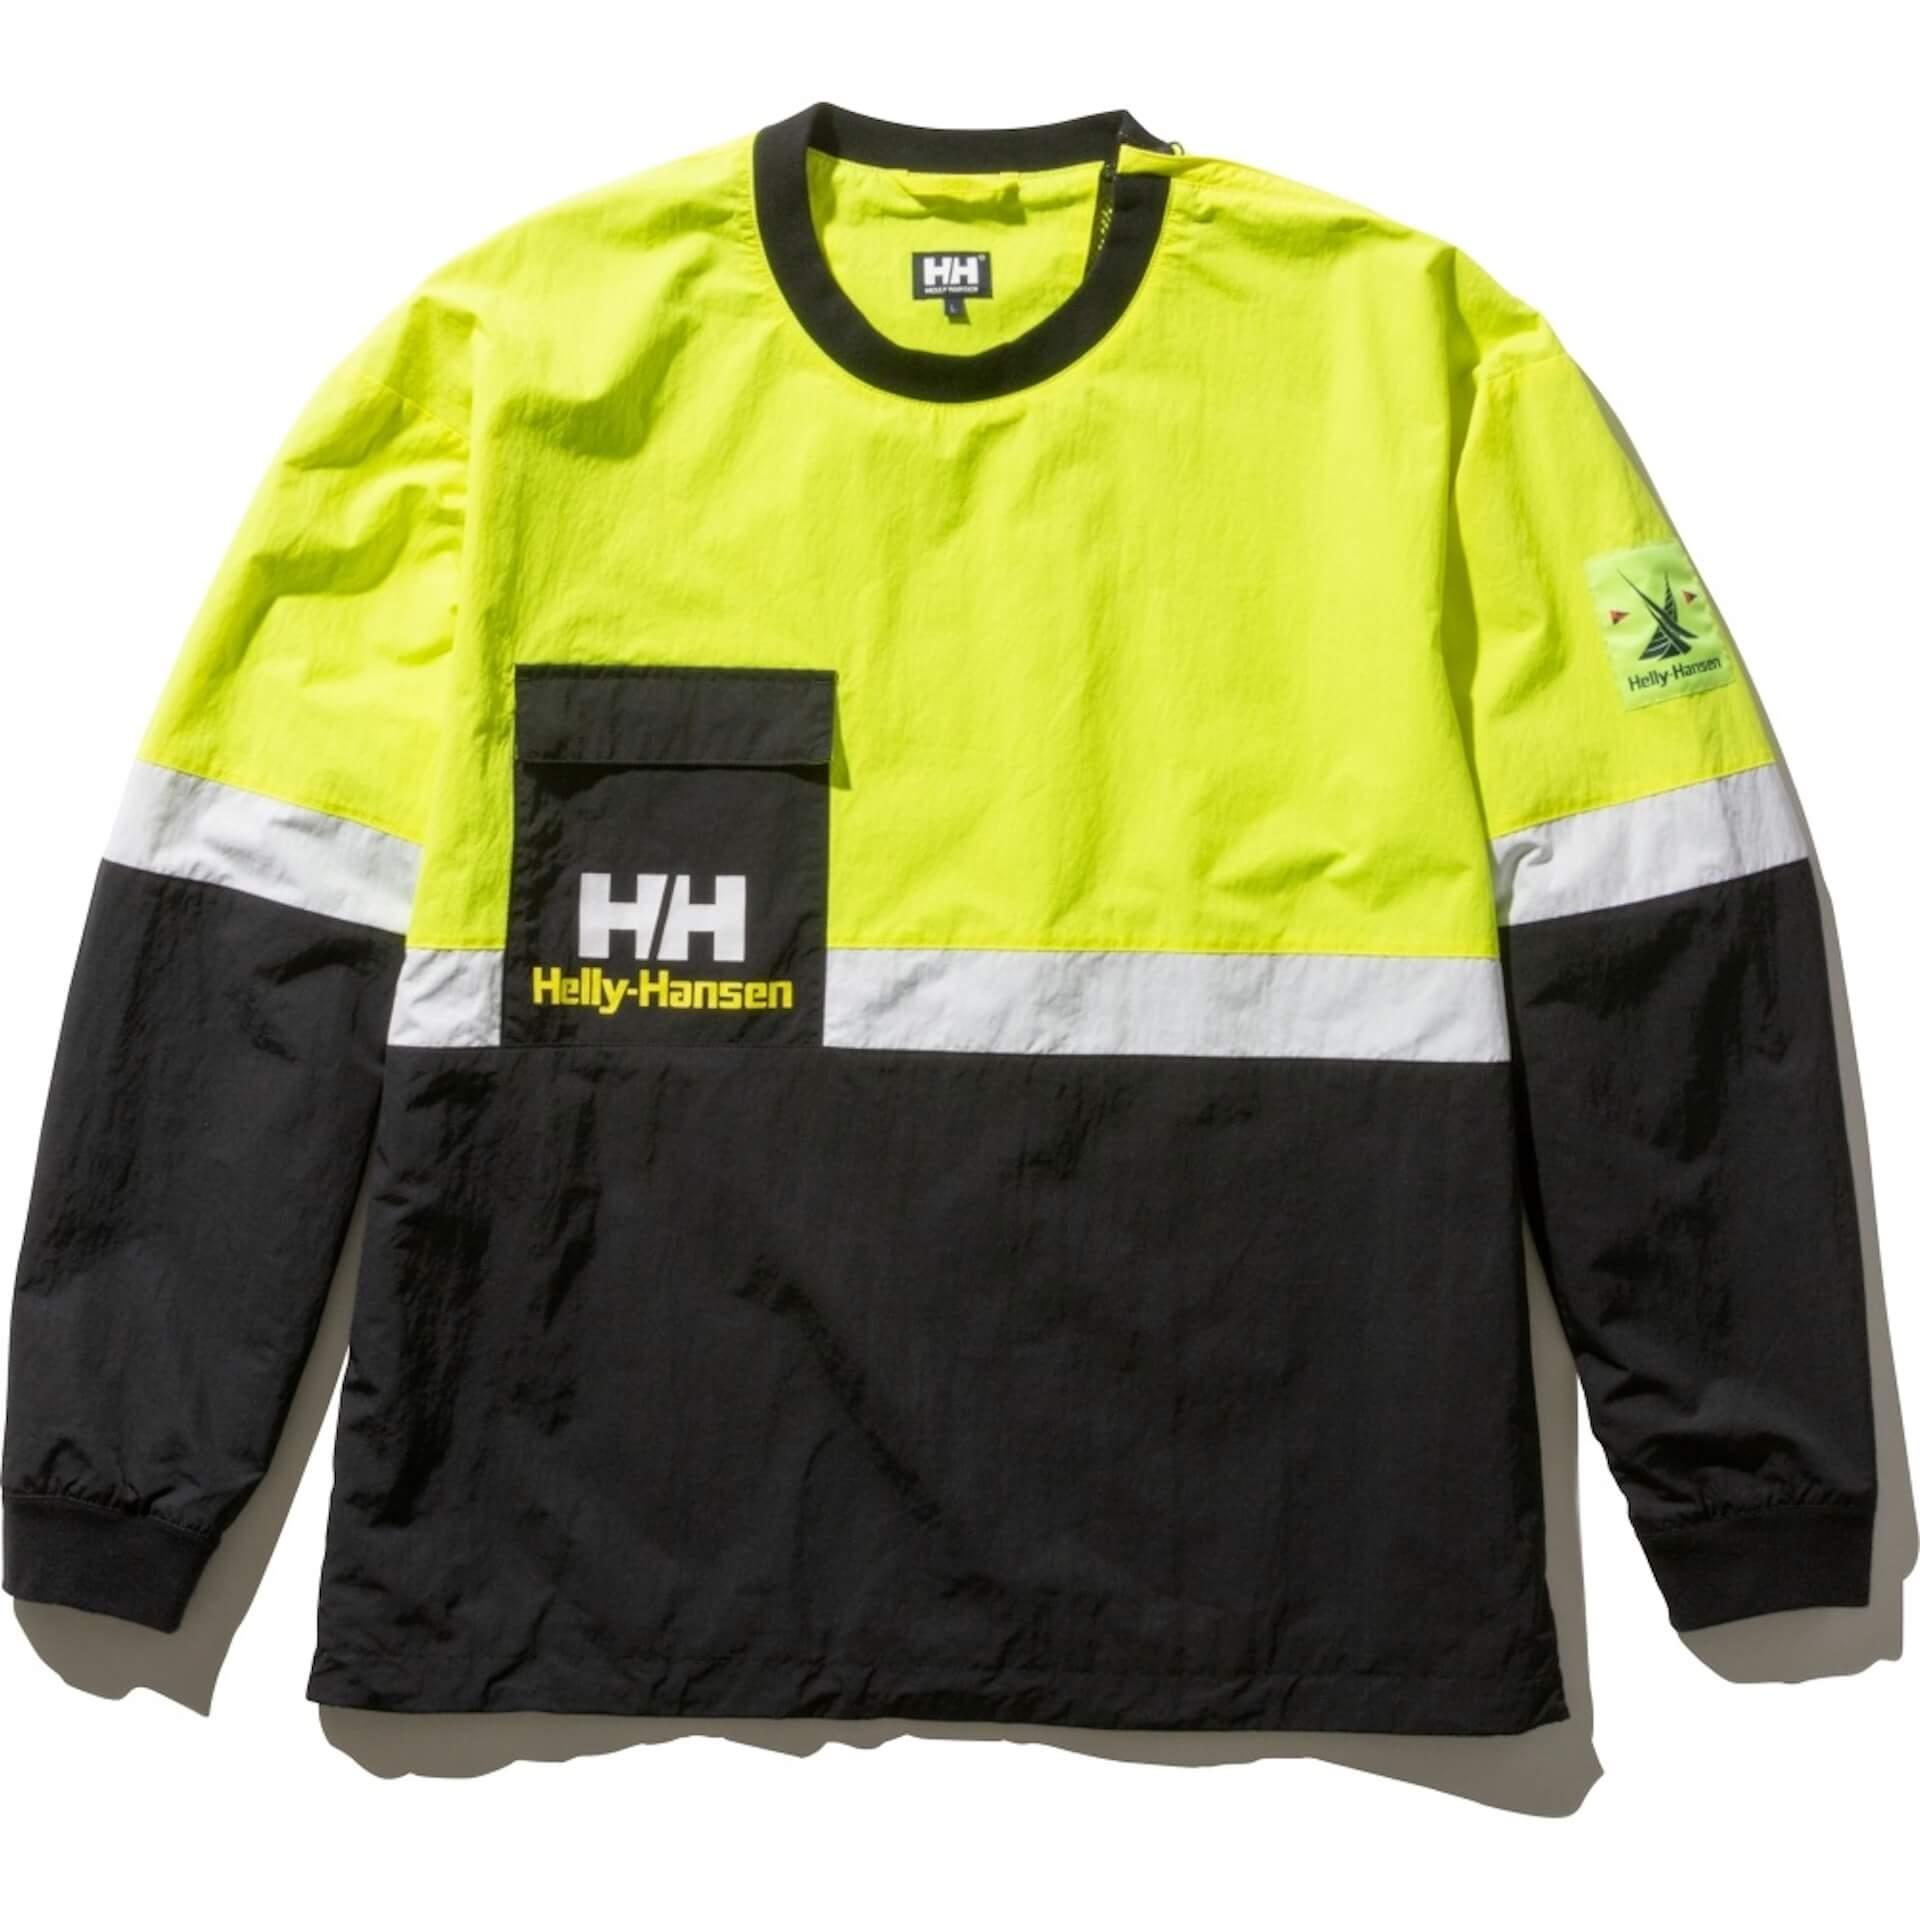 ヘリーハンセンから90'sストリート人気モデルをアップデートした「Formula Series」が登場! lf200110_formulaseries_03